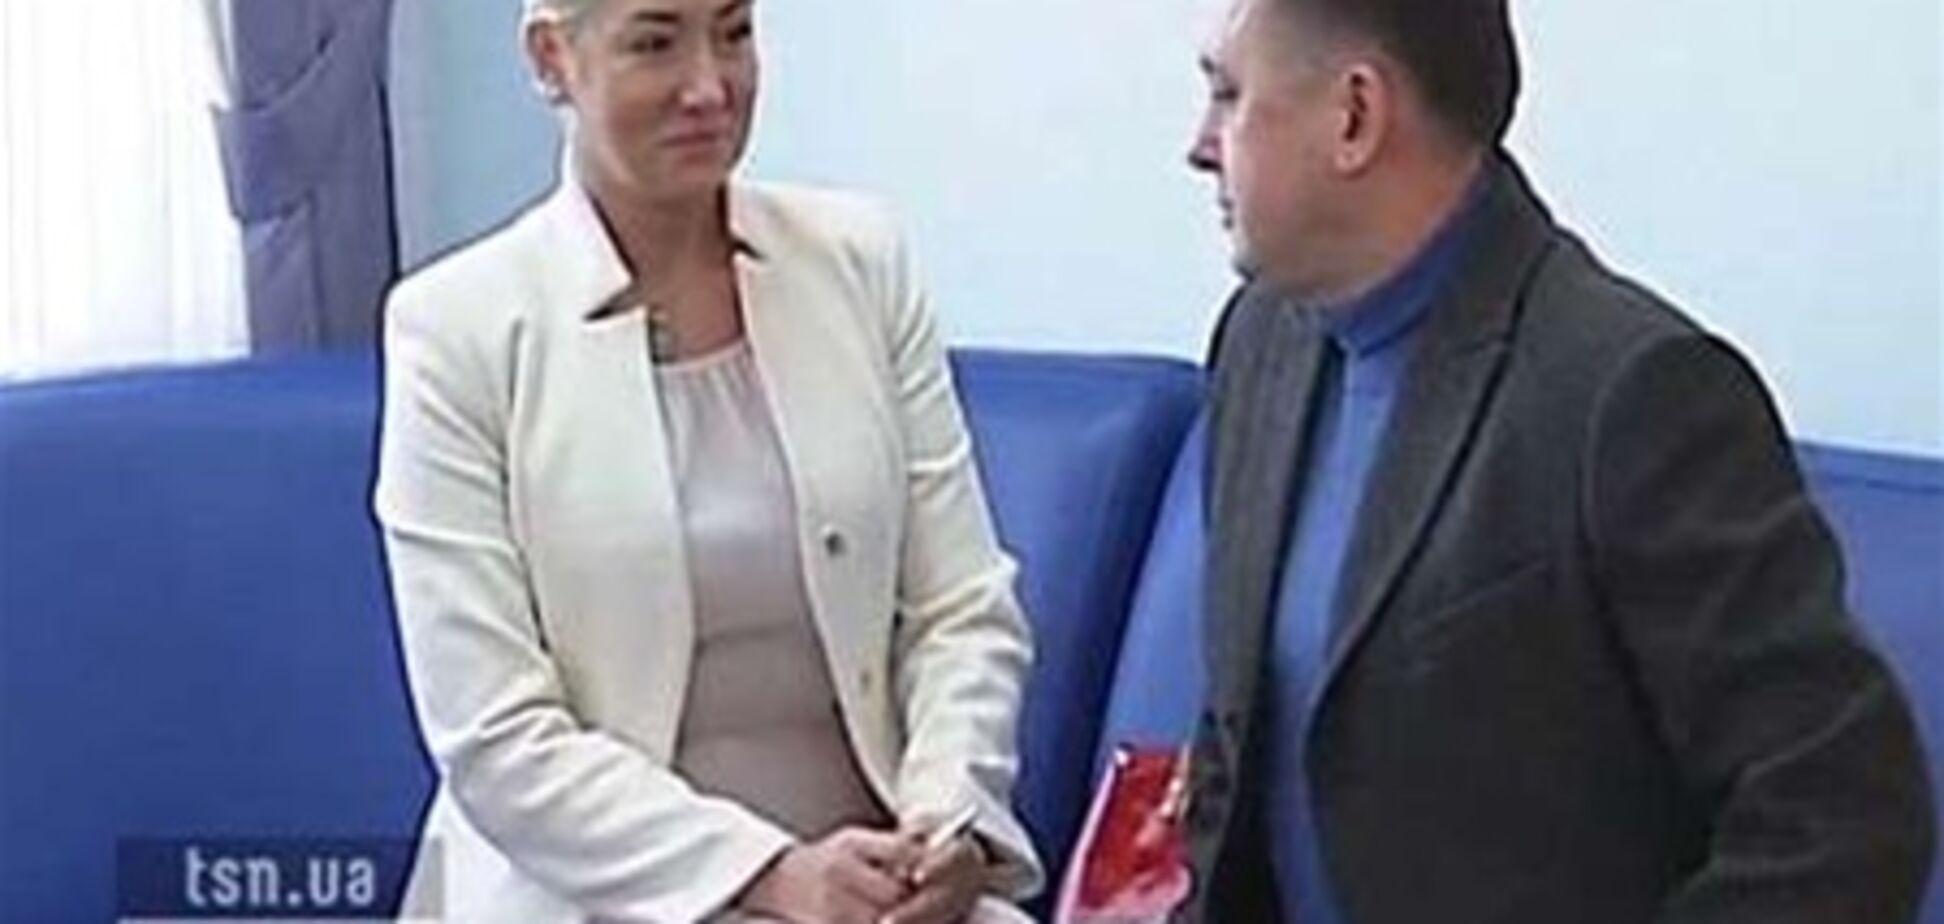 Розинская: у Мельниченко подозревают инсульт